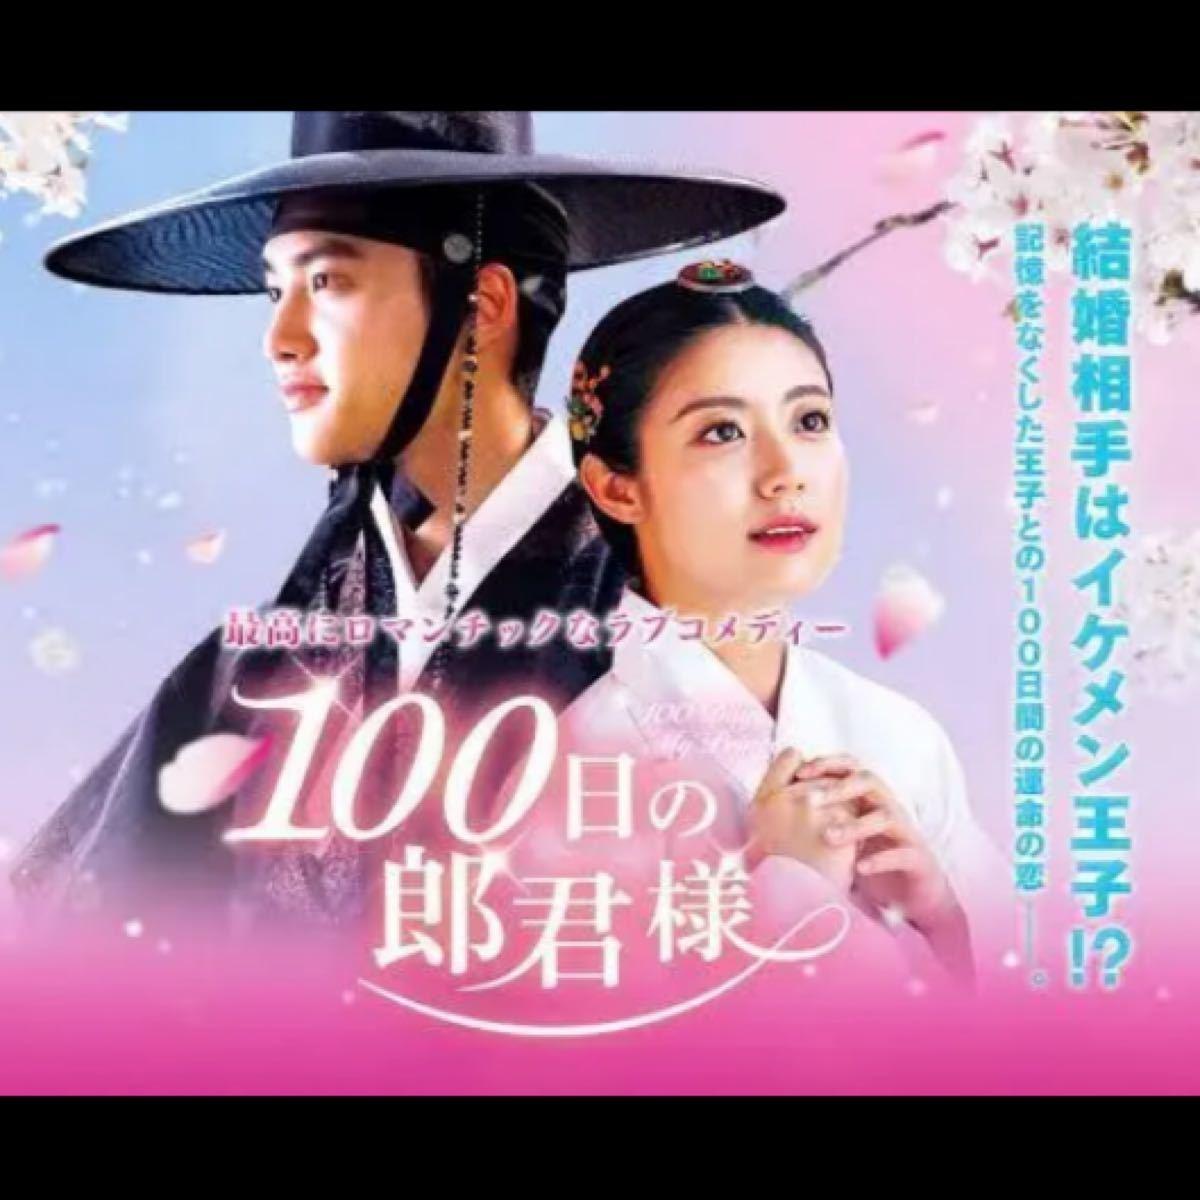 ★韓国ドラマ★『100日の郎君様』 日本語吹替付き DVD  15話全話!!